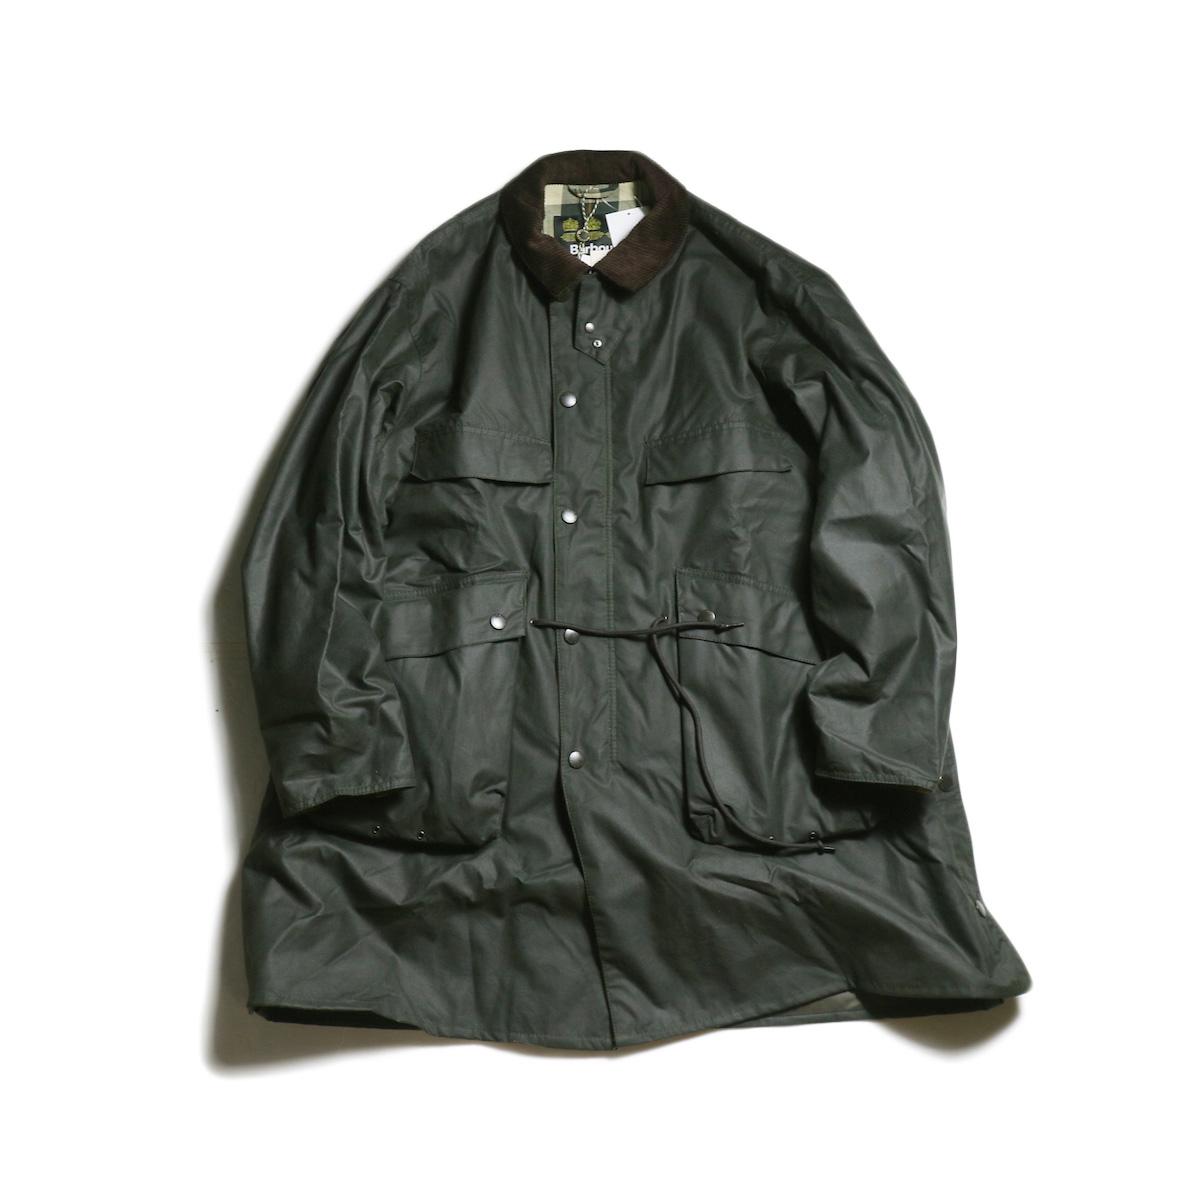 Kaptain Sunshine × Barbour / Stand Collar Traveller Coat (Sage Green)